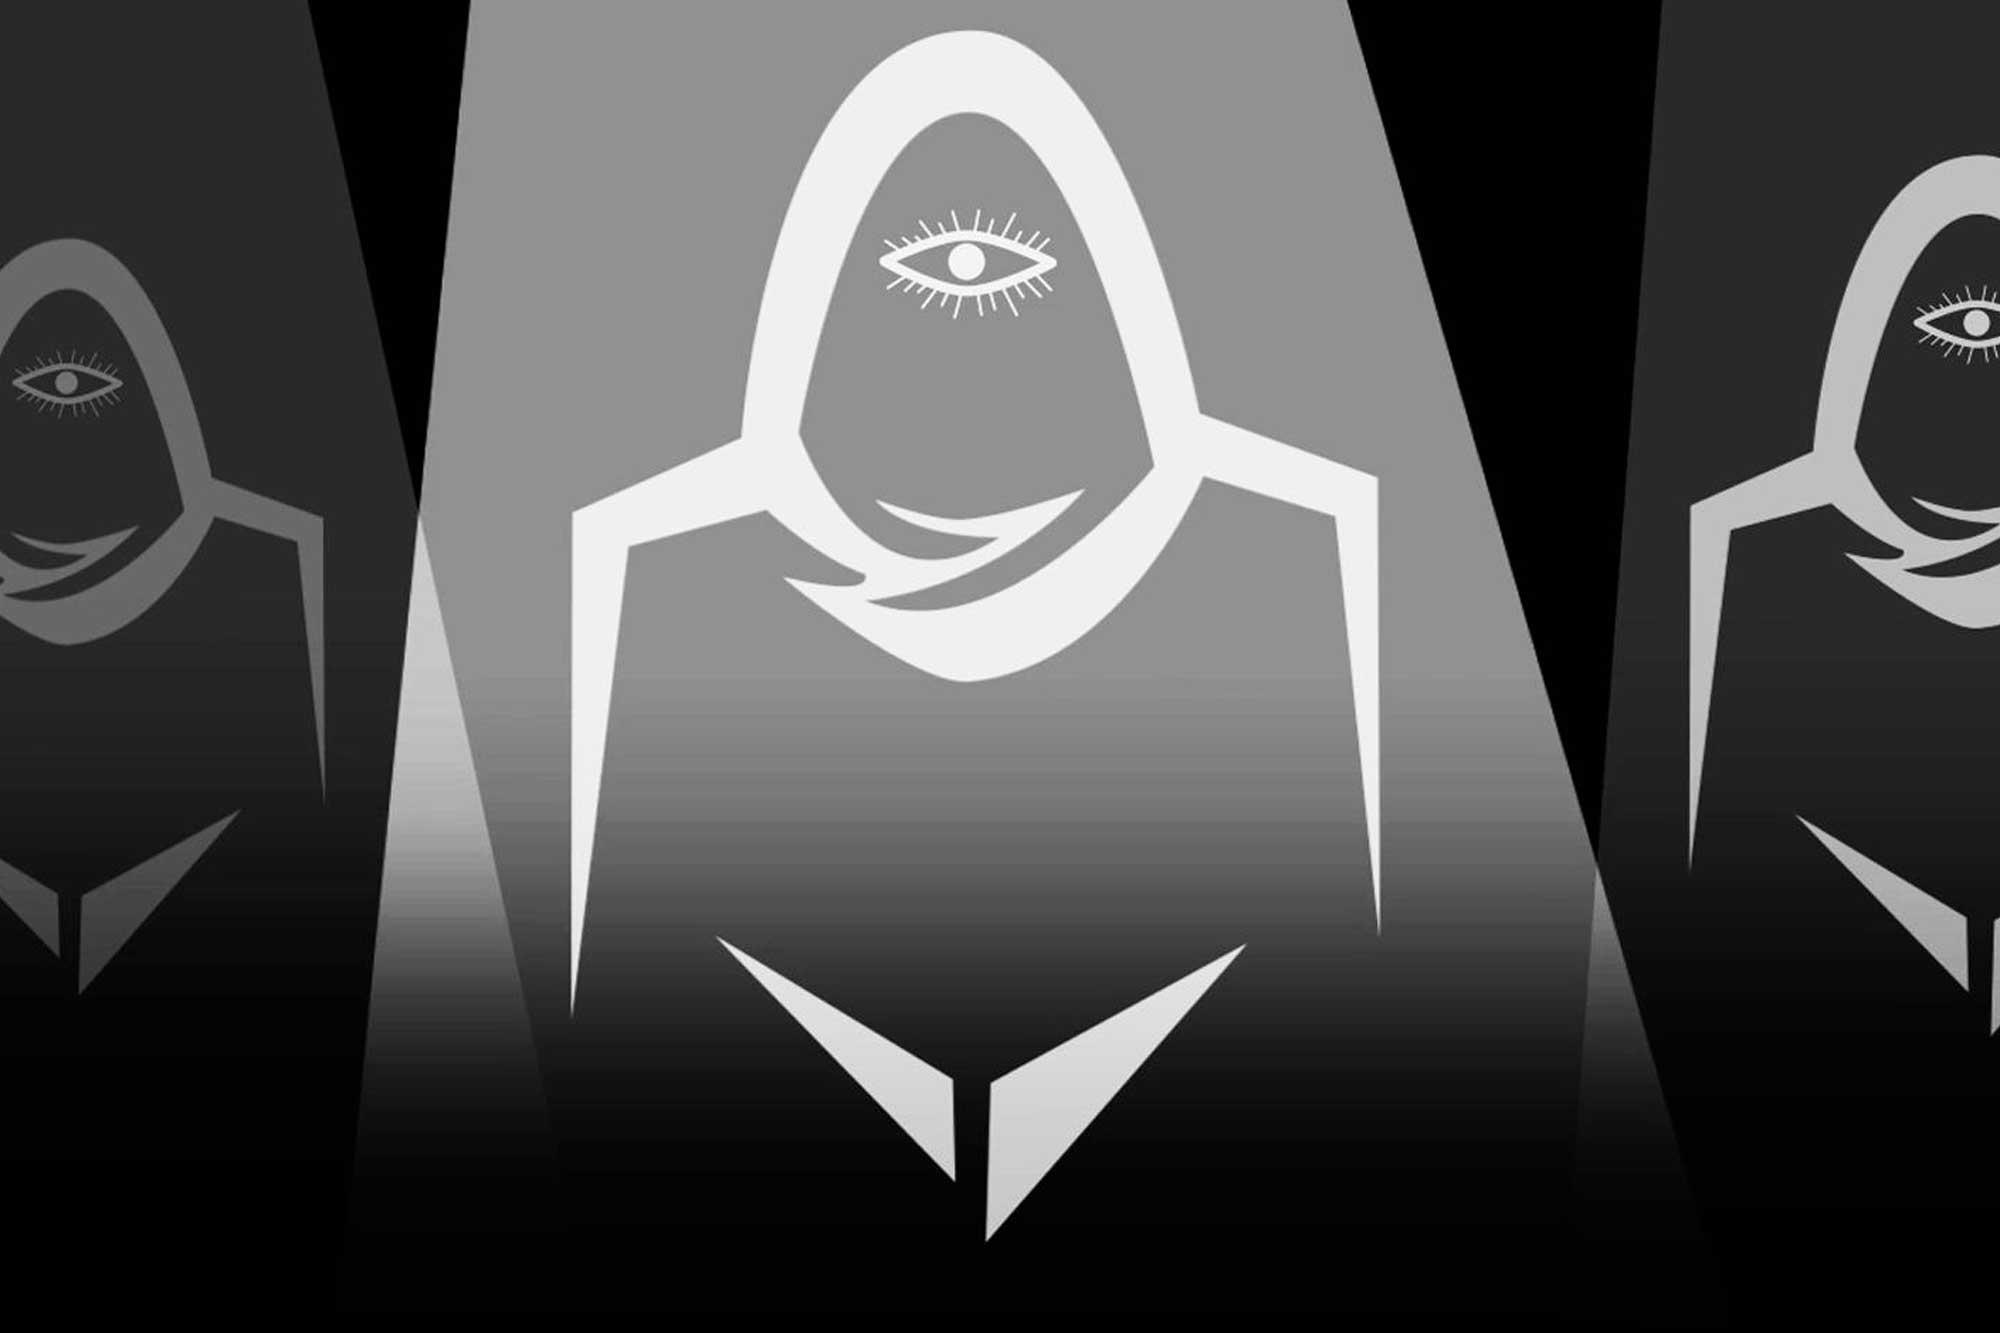 Entre os grandes mistérios modernos da humanidade, a existência dos Illuminati talvez seja um dos mais populares da atualidade